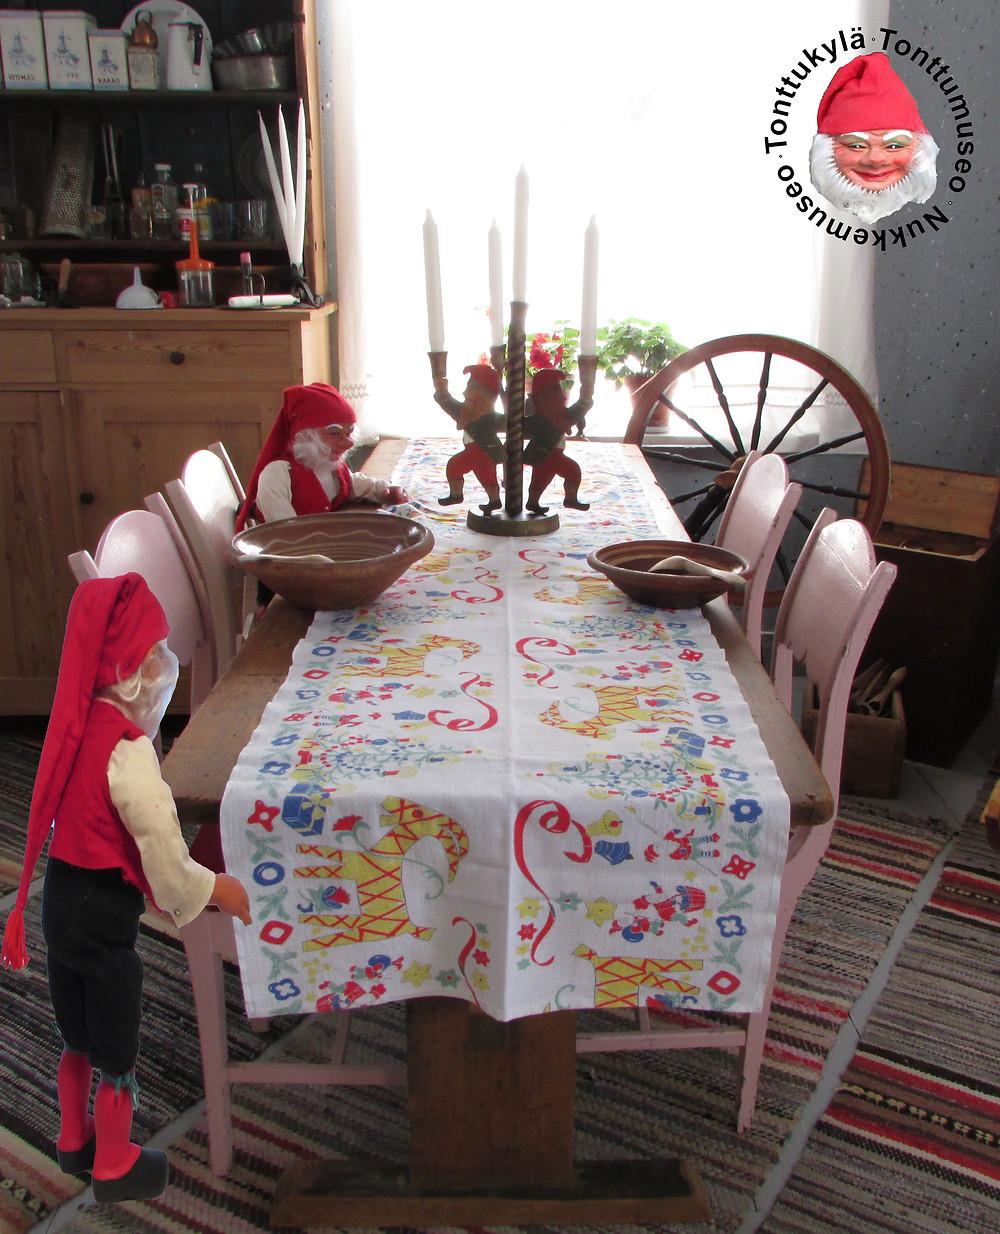 Talonpoikais kynttilänjalka, tonttuukko kynttilänjalka, lankkupöytä, vanhat tuolit, tupakeittiö, räsymatot, rukki, puulaayikko, lautashylly, savivati, puulusikka